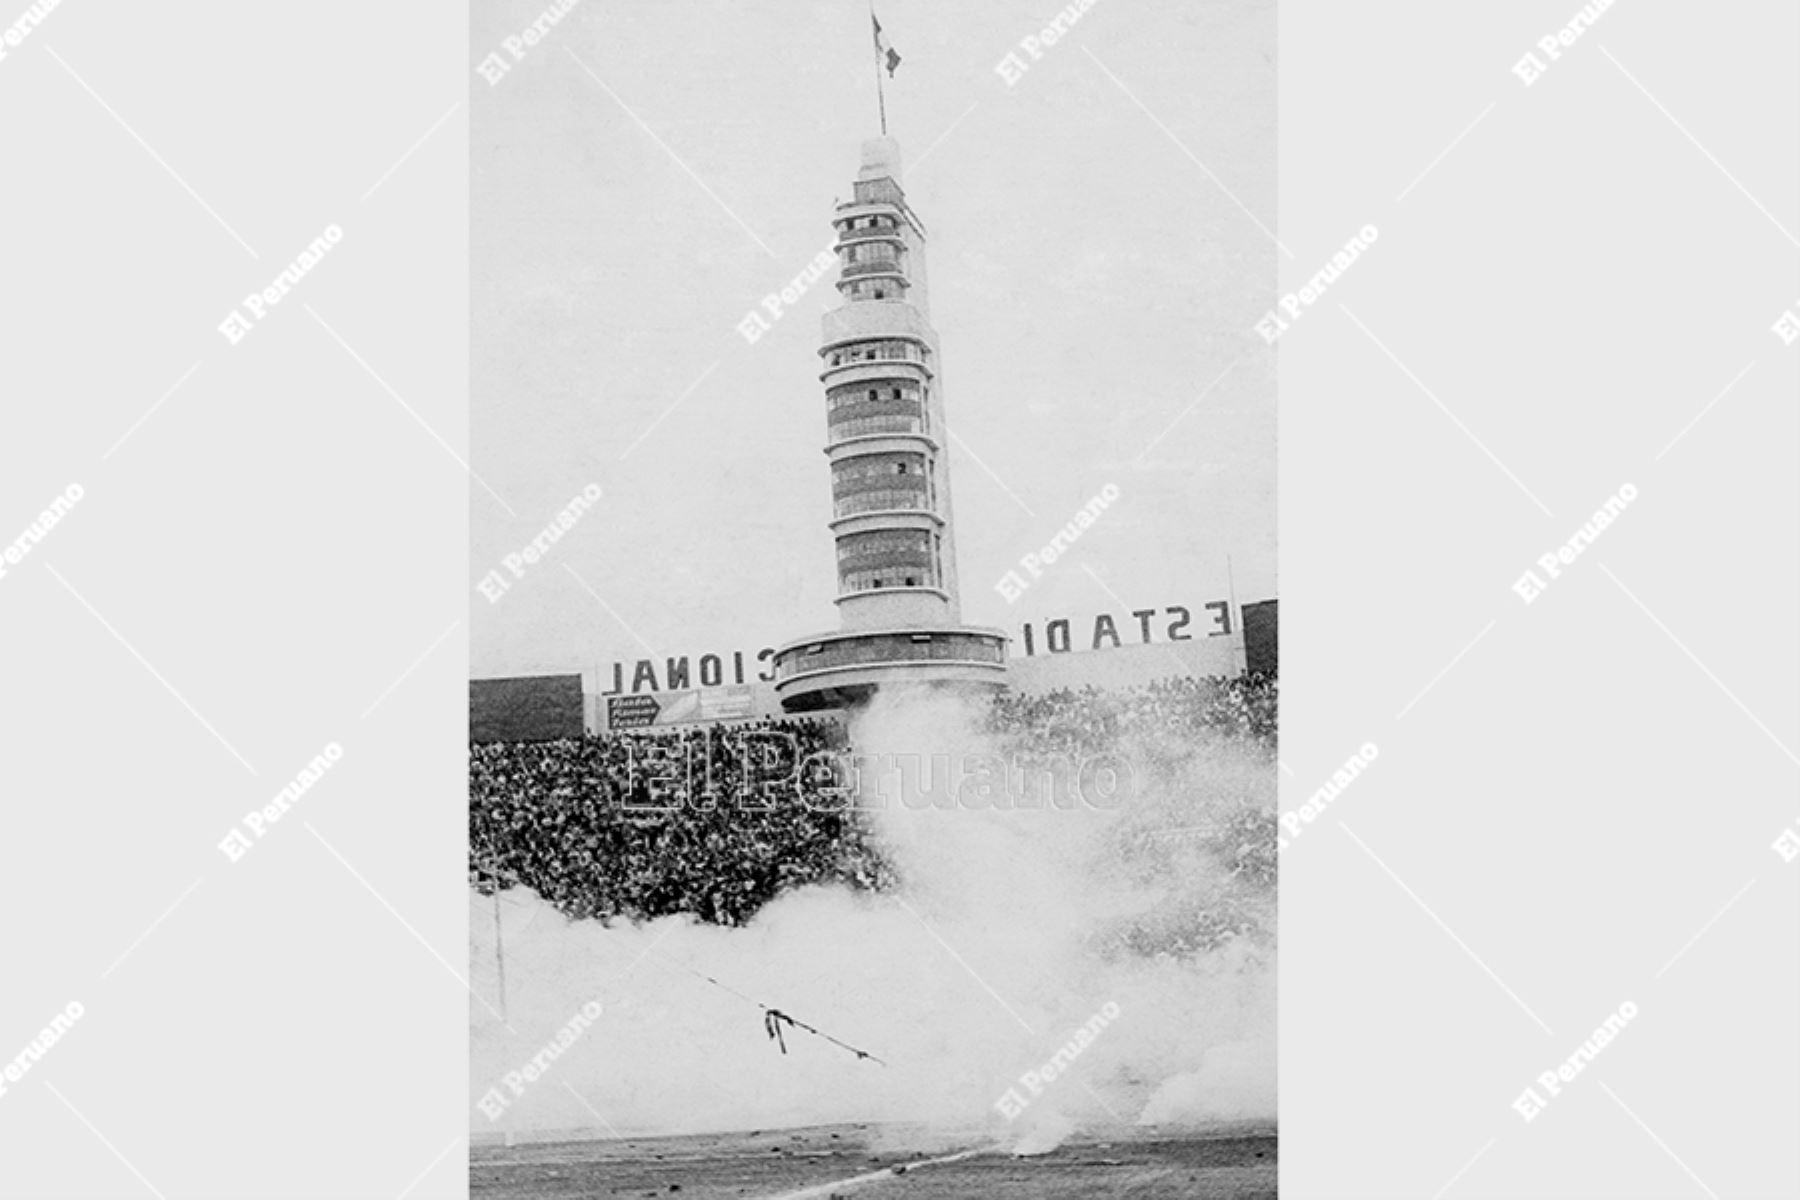 Lima - 24 mayo 1964. Tragedia del Estadio Nacional. La policía lanzó bombas lacrimógenas cuando los hinchas empezaban a protestar e invadir el campo por la anulación de un gol peruano. Foto Archivo Histórico de El Peruano.